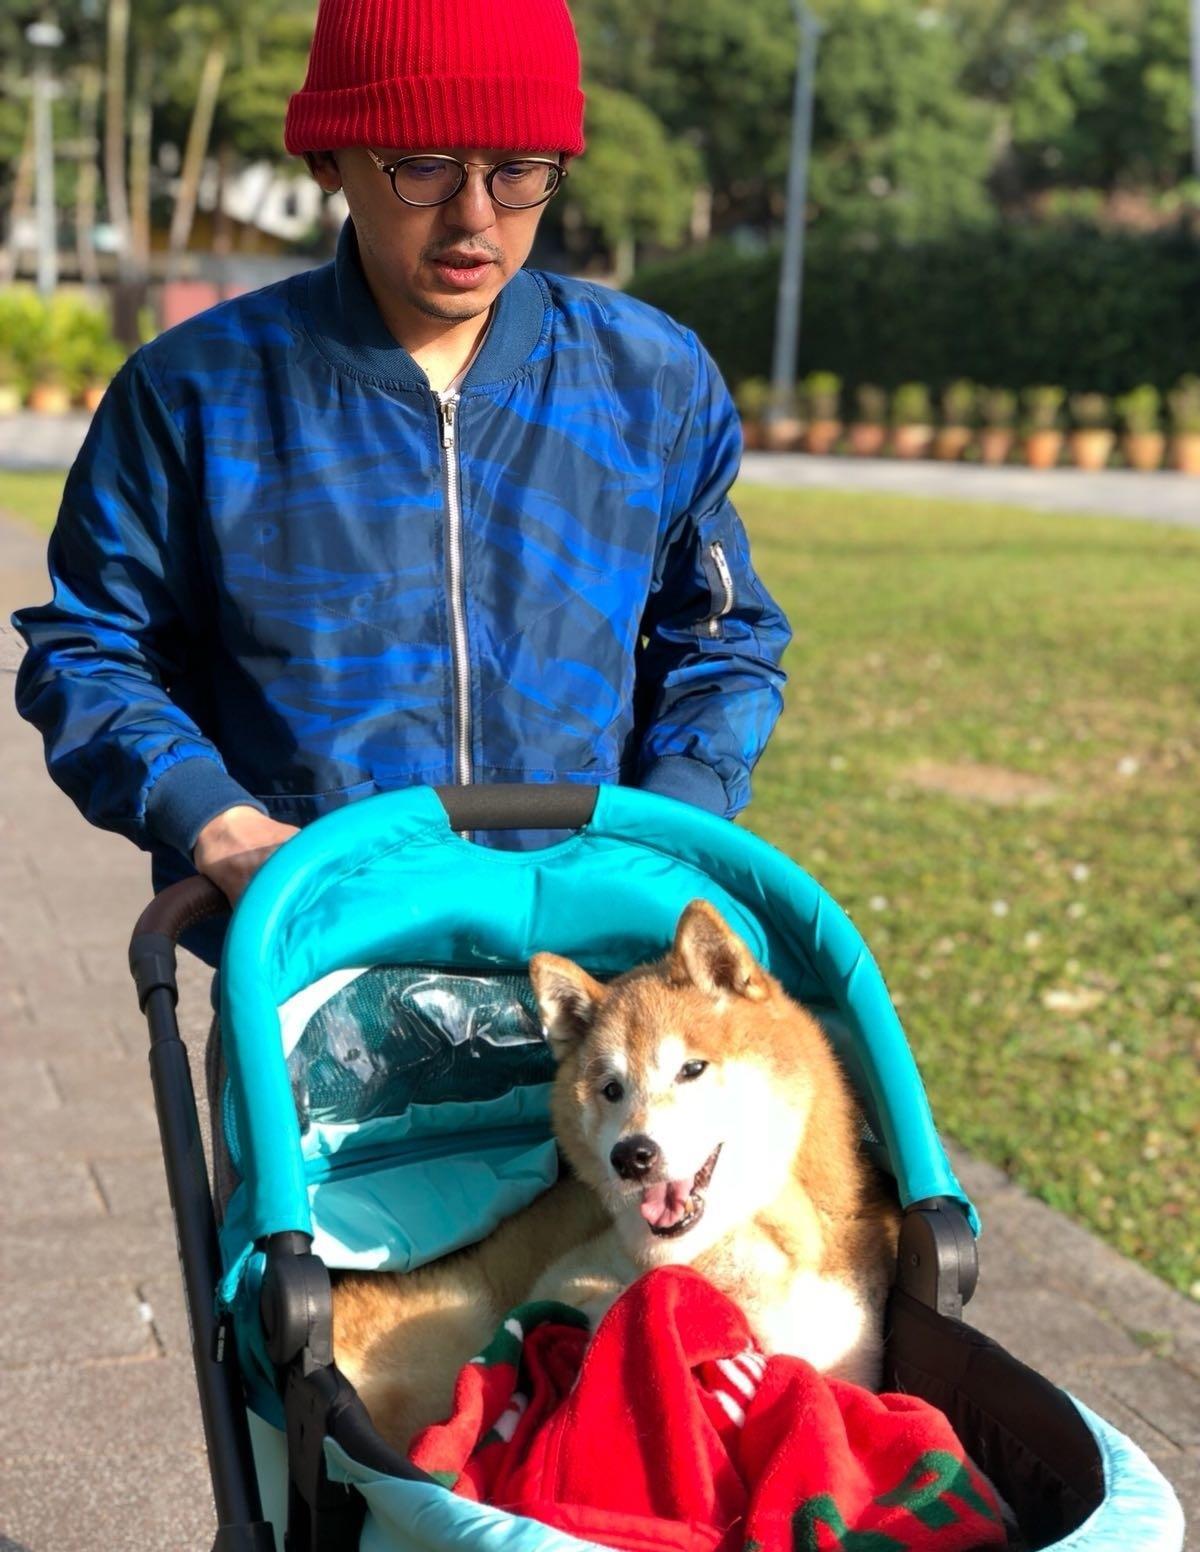 元氣老年時,黃子佼常推著娃娃車,帶牠出外散步。(翻攝自黃子佼臉書)